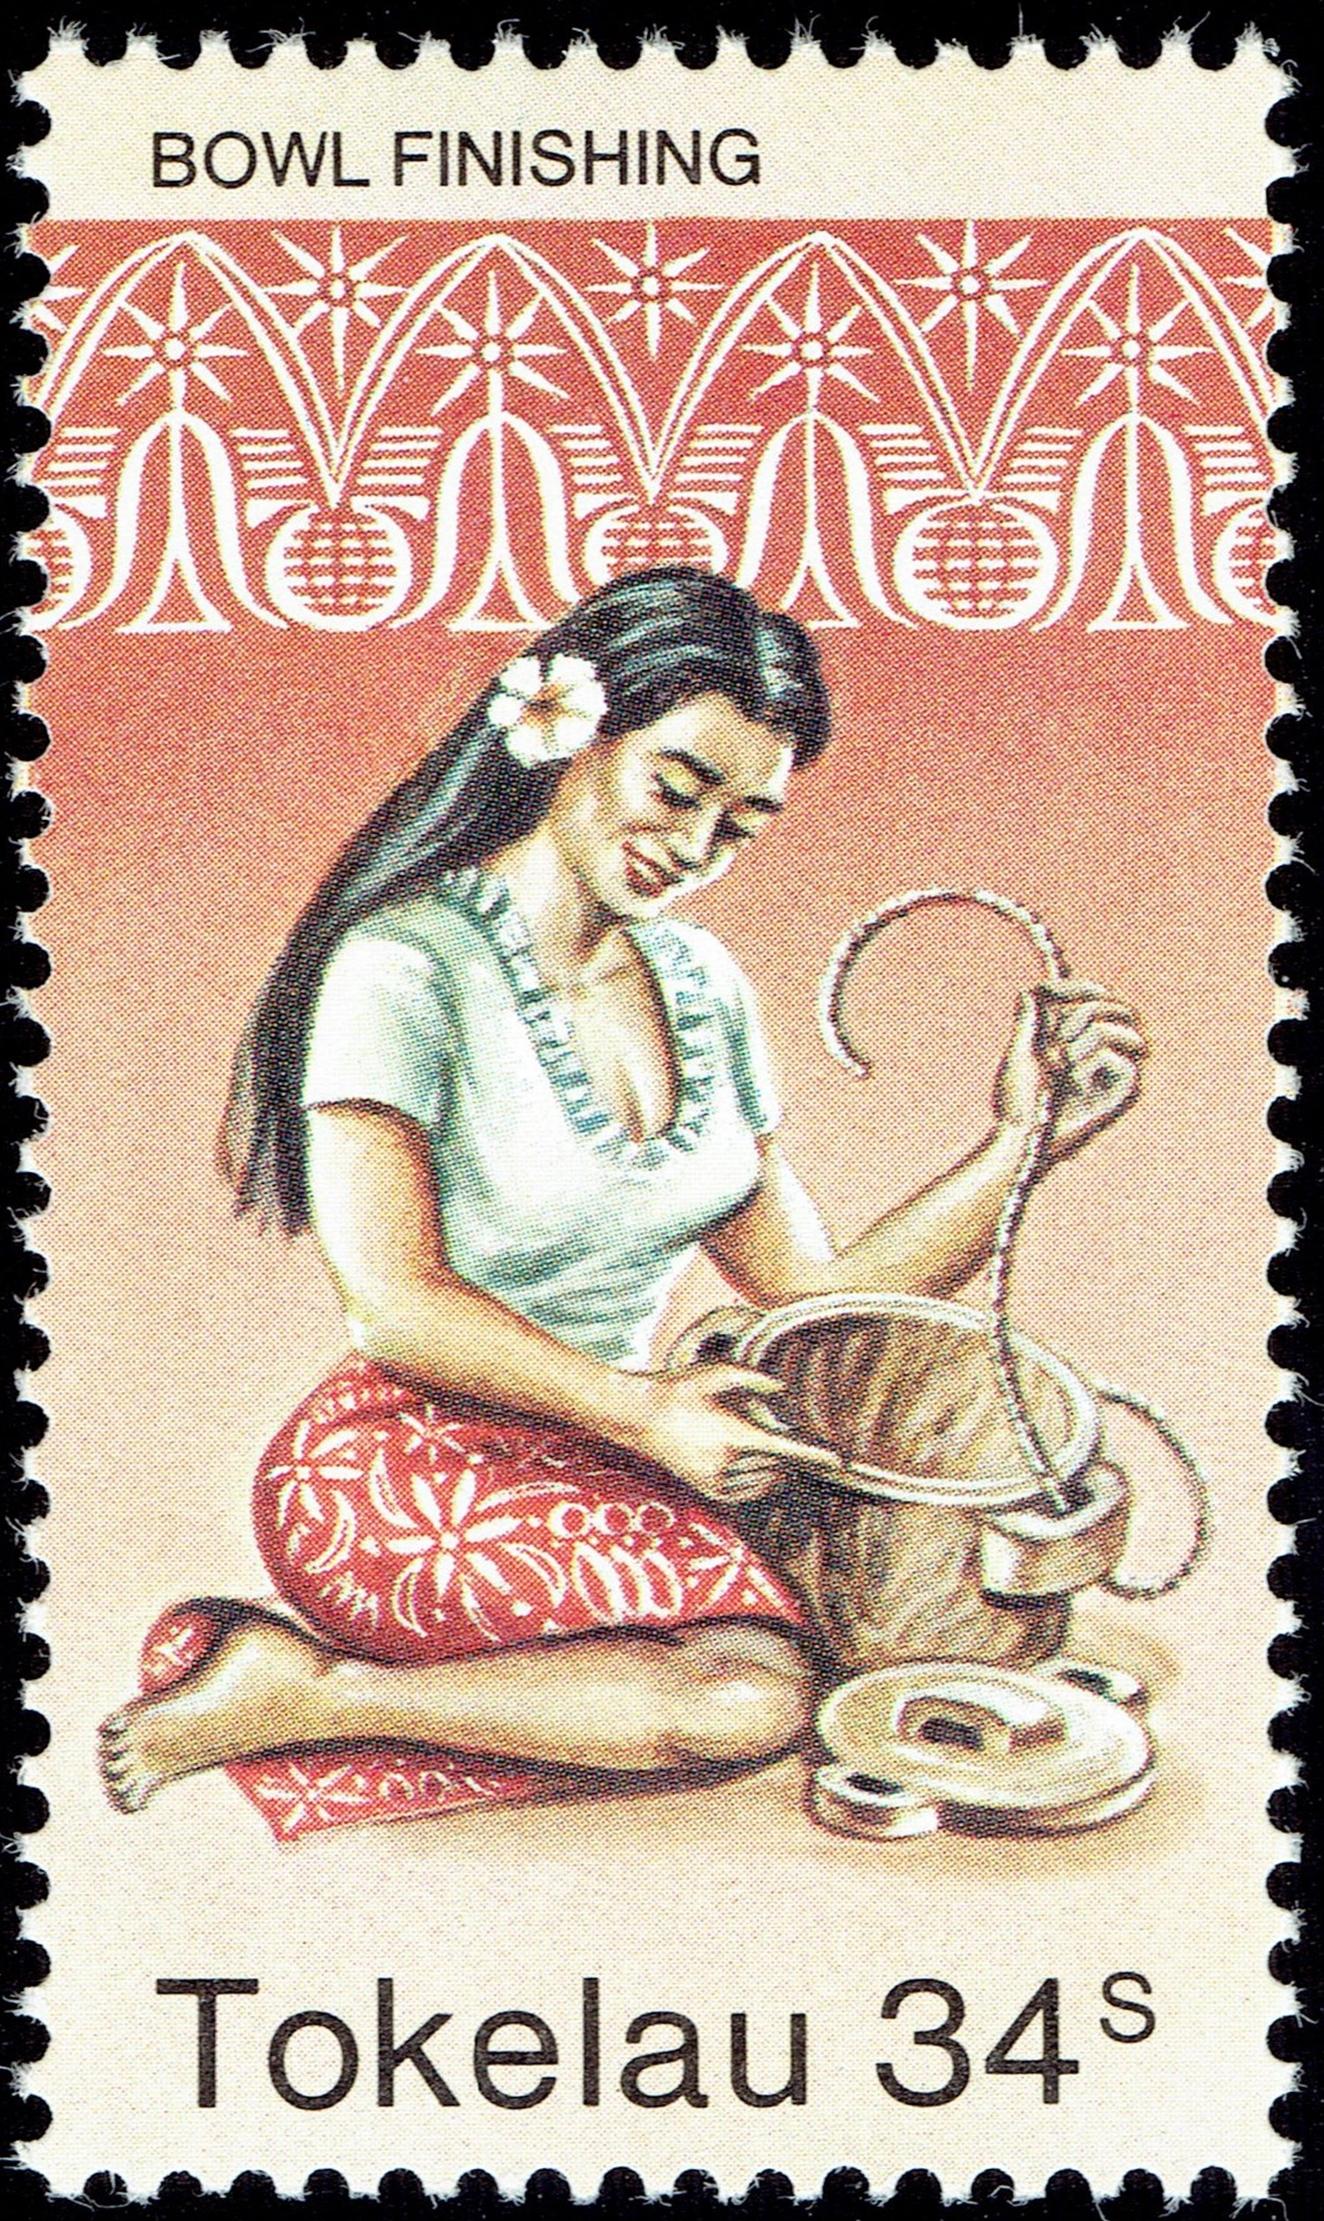 Tokelau - Scott #83 (1982)